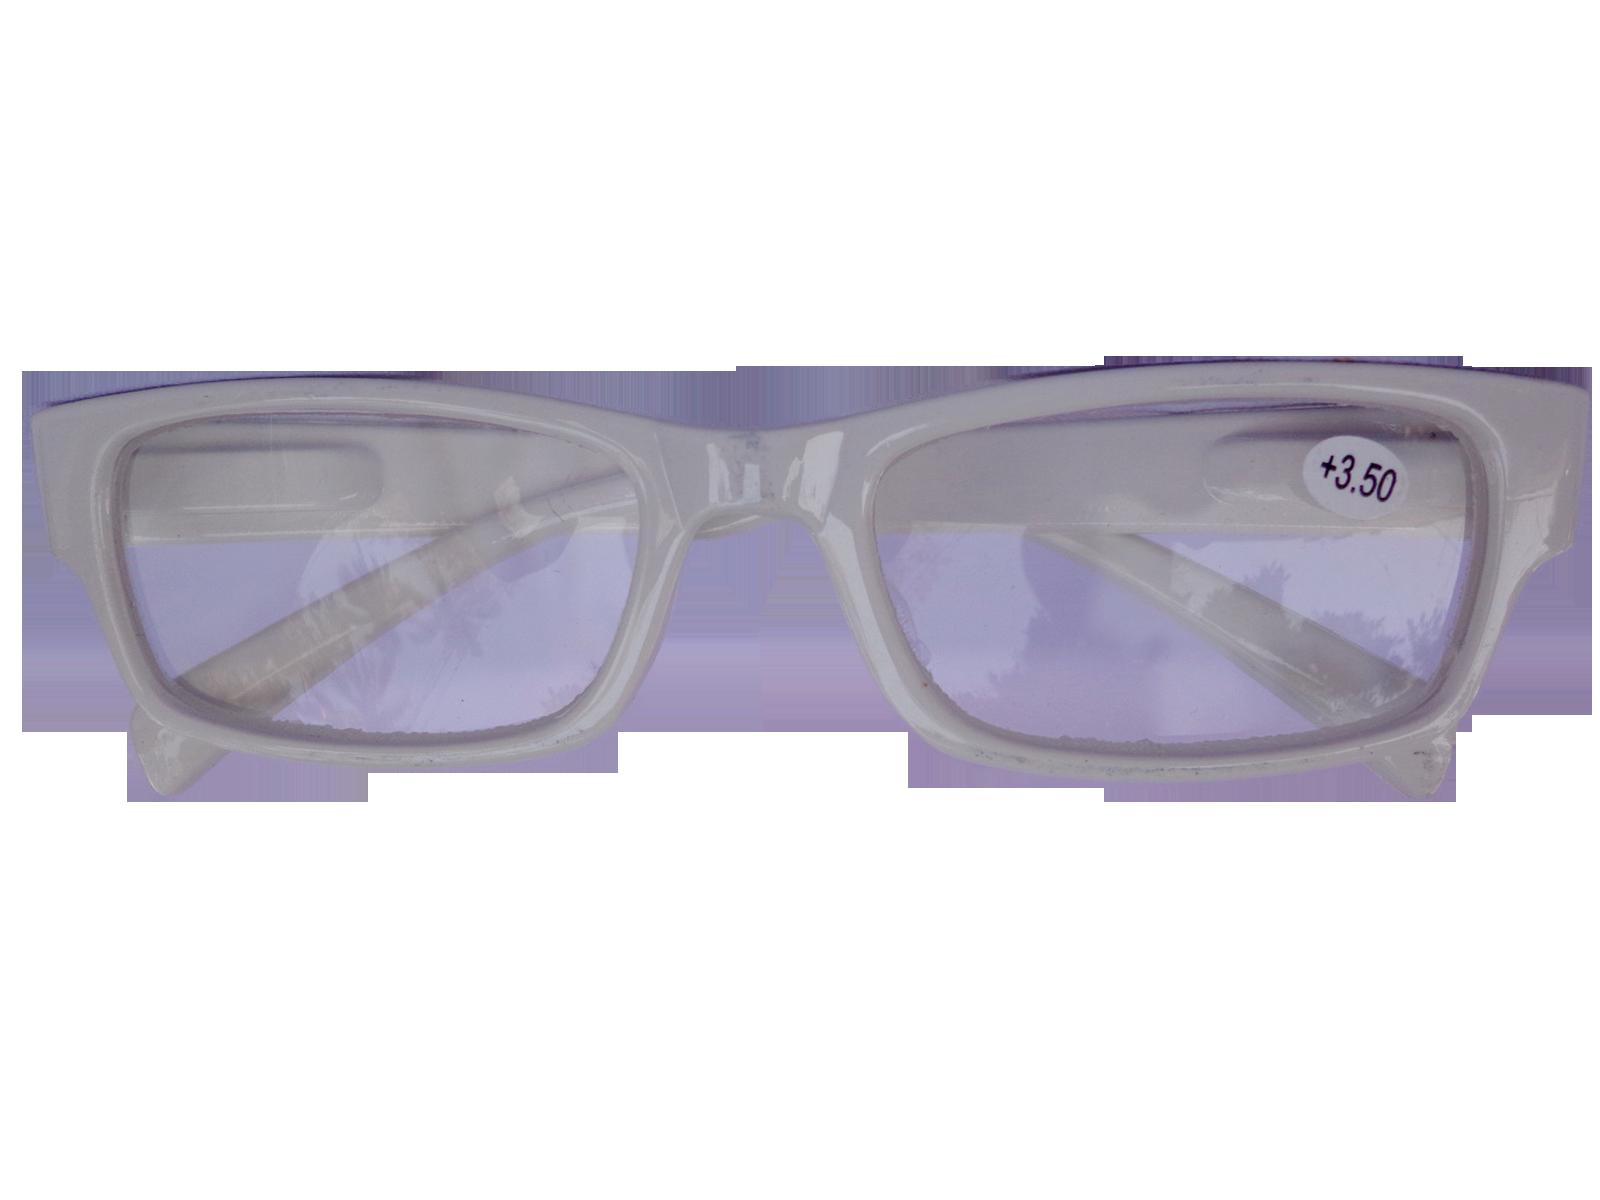 แว่นสายตาแฟชั่น (D+125)